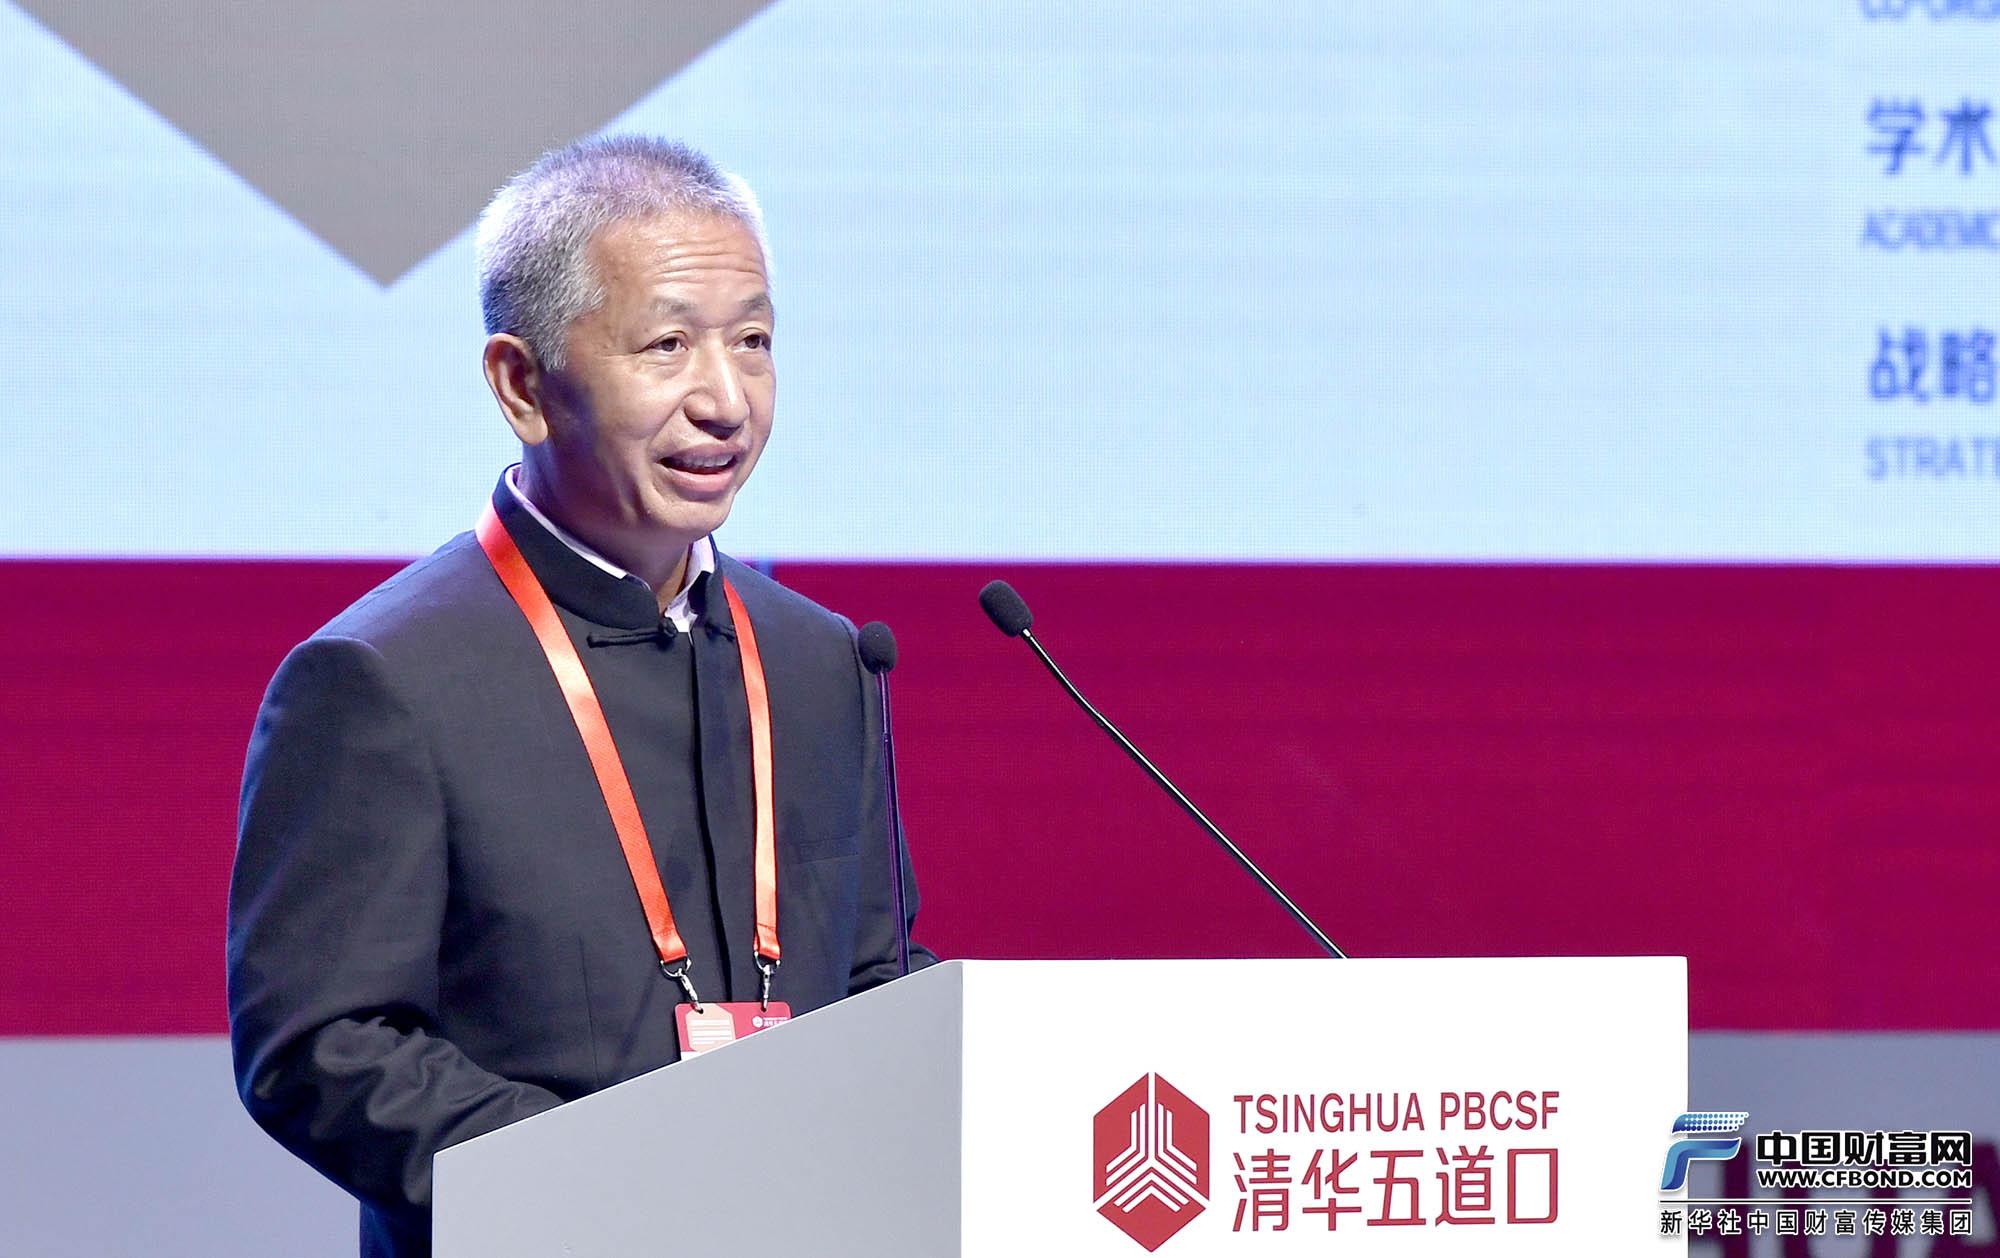 朱建程:通过金融创新搭建多边合作新平台